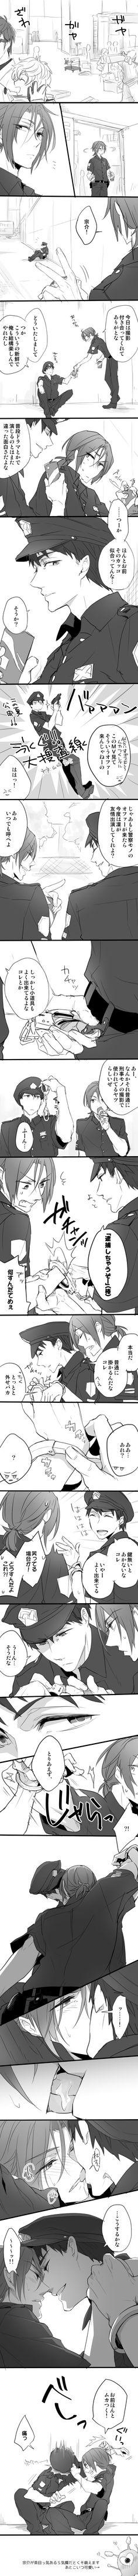 Yamazaki Sousuke x Matsuoka Rin